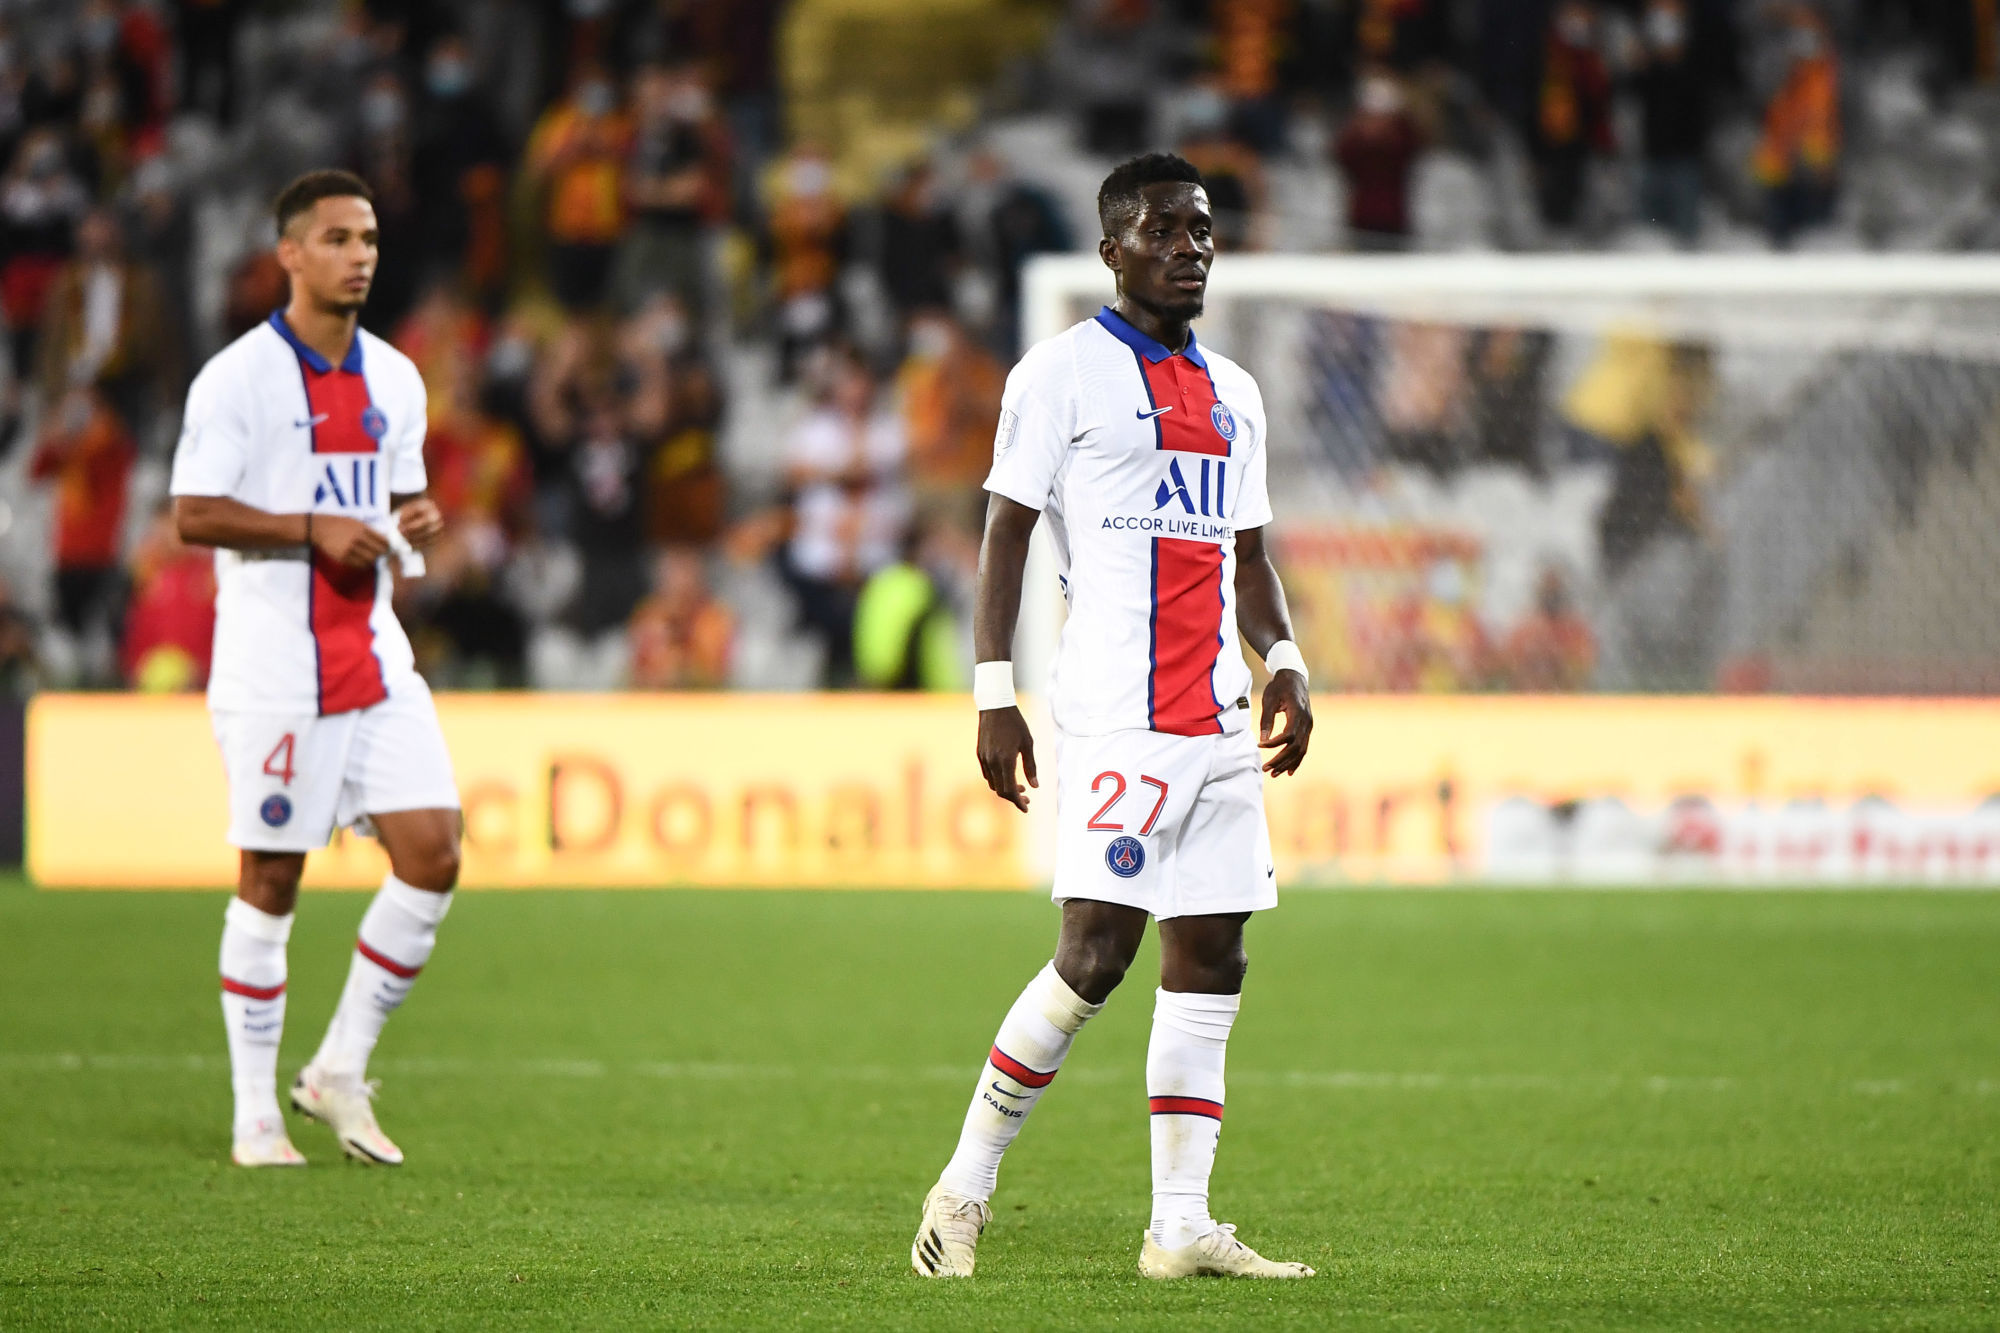 Istanbul BB/PSG - Kehrer et Gueye seraient dans le groupe parisien